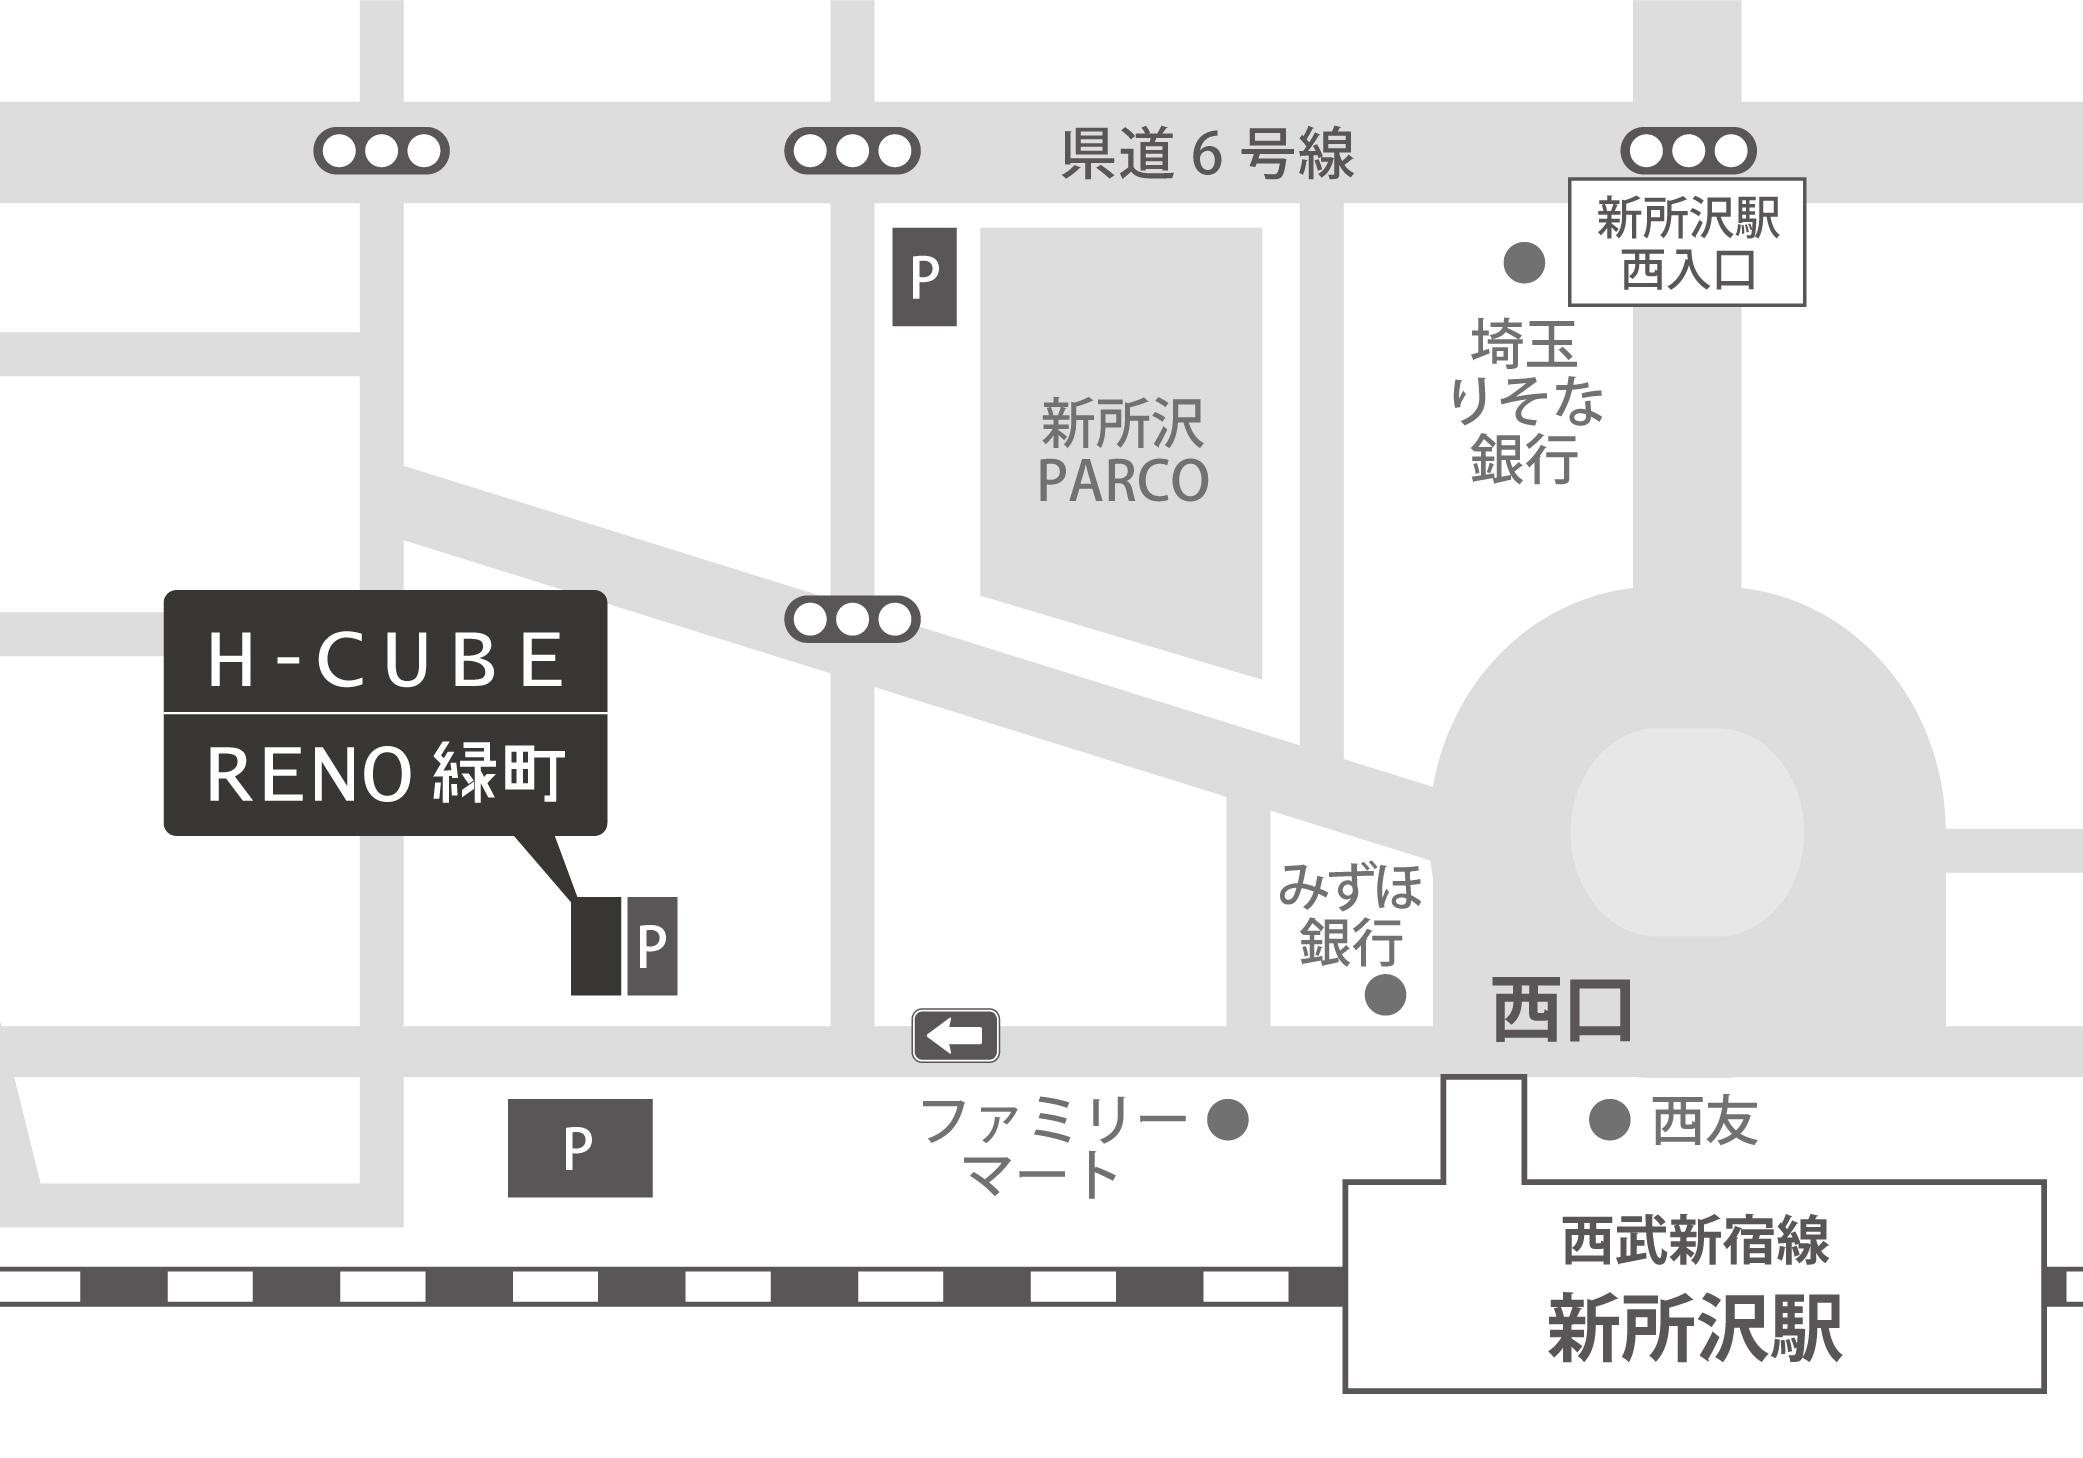 H-CUBE RENO 緑町へのアクセスマップ